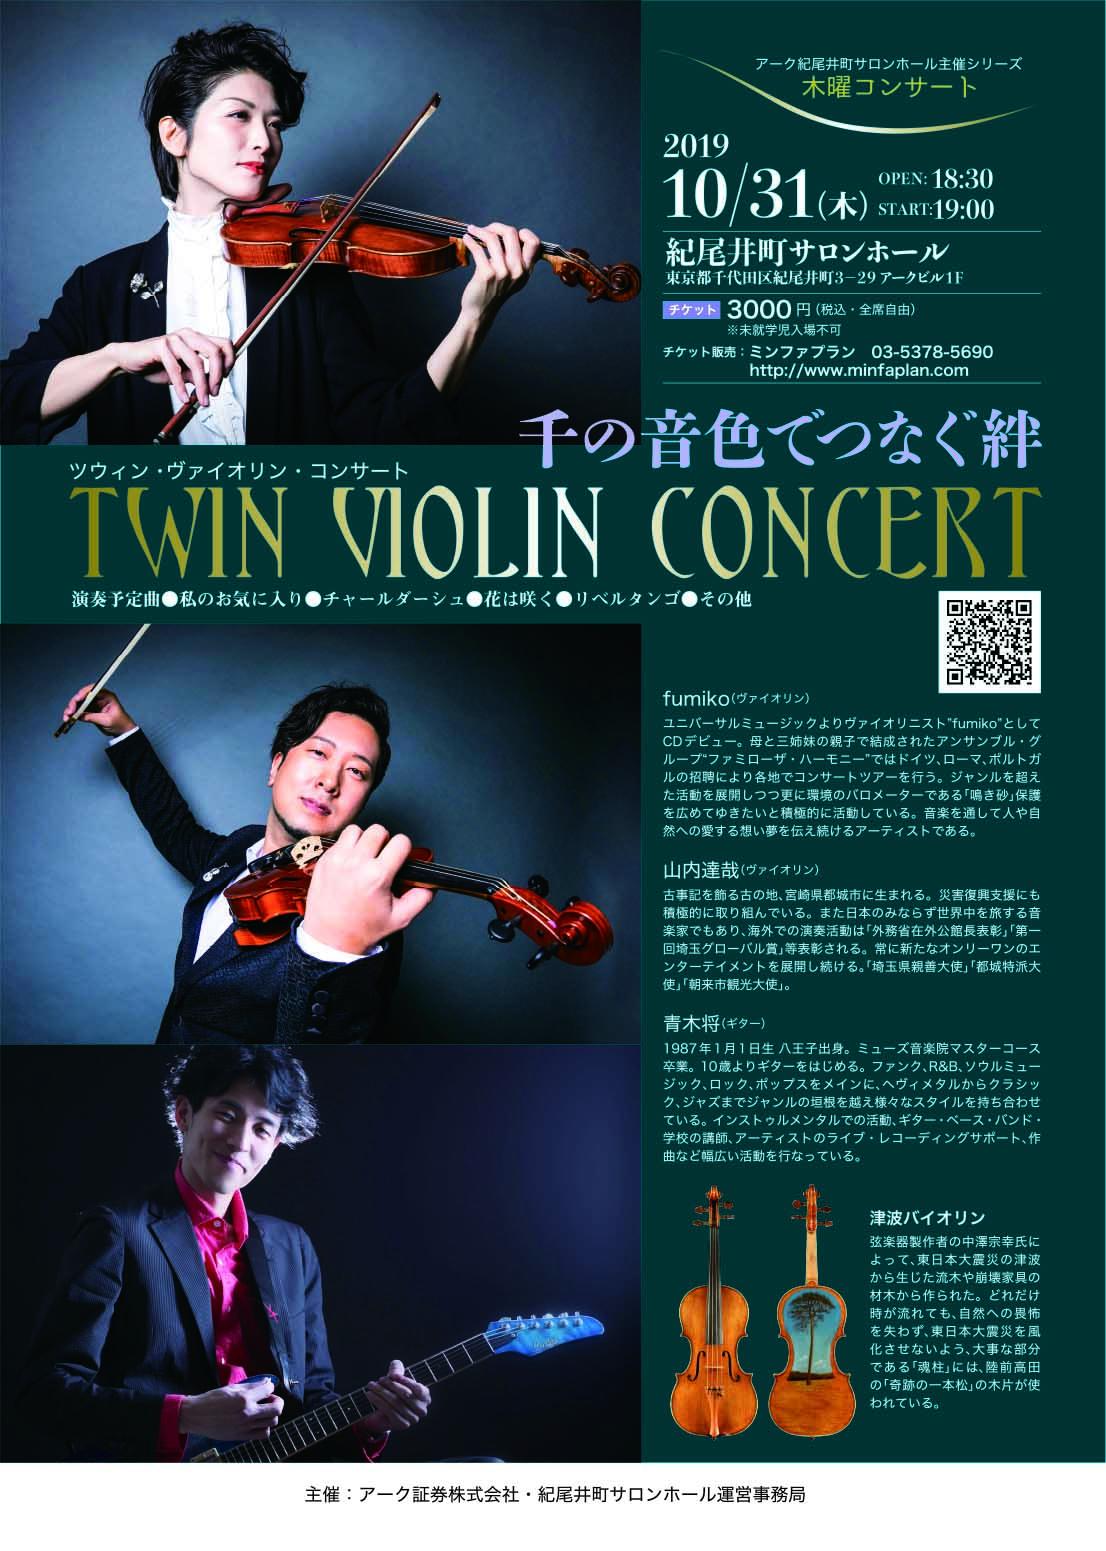 アーク紀尾井町サロンホール木曜コンサート 千の音色でつなぐ絆 TWIN VIOLIN  CONCERT